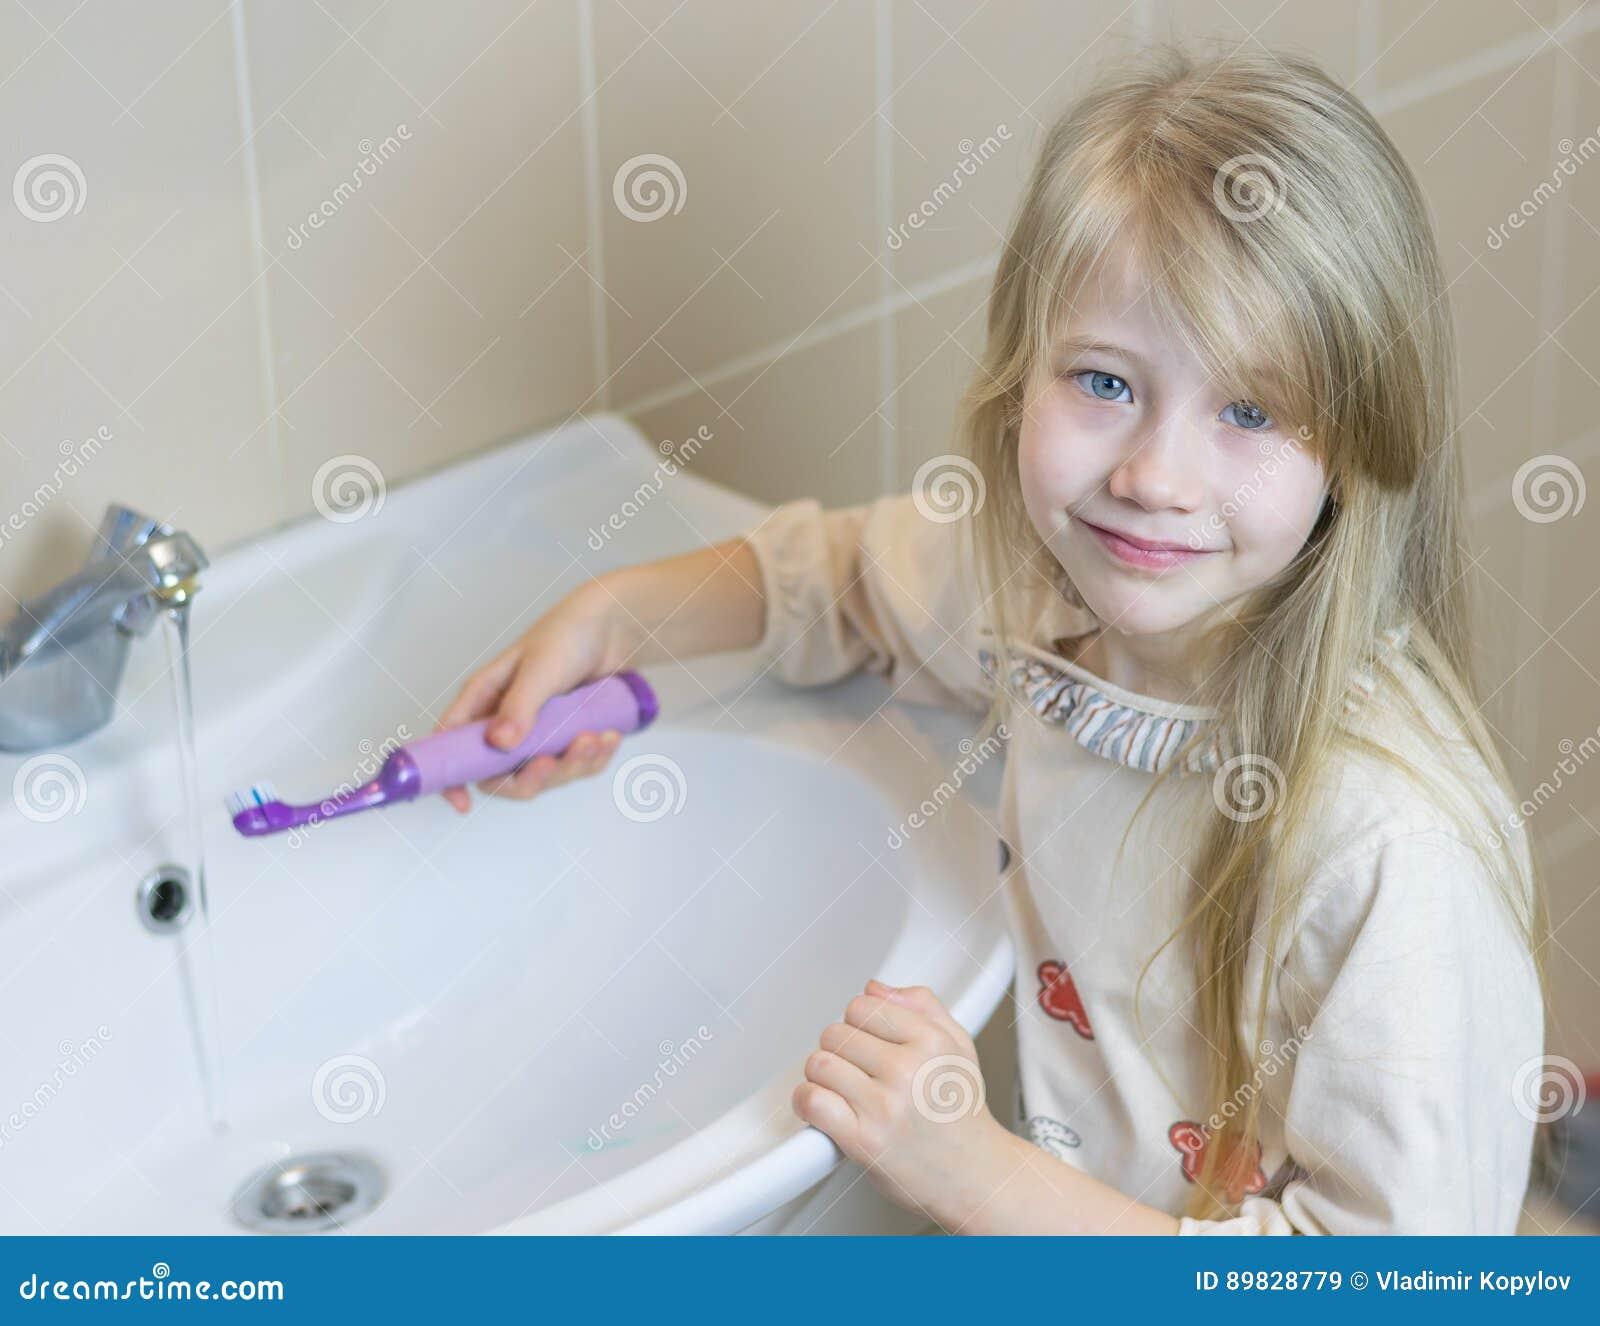 Ein Kleines Mädchen Im Badezimmer Wäscht Eine Elektrische Zahnbürste ...